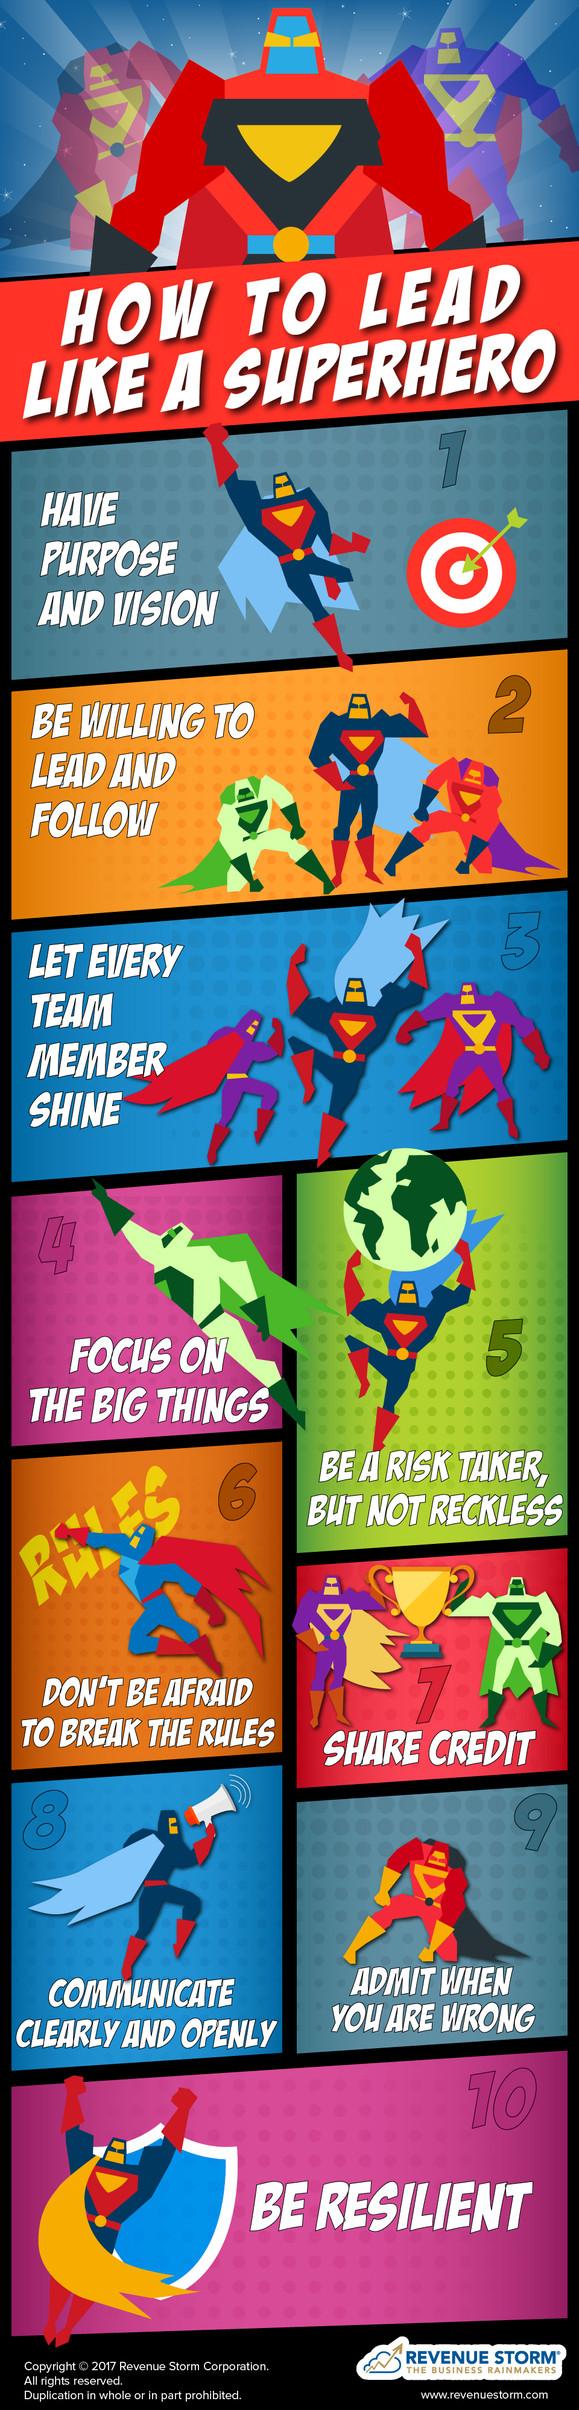 How to Lead Like a Superhero